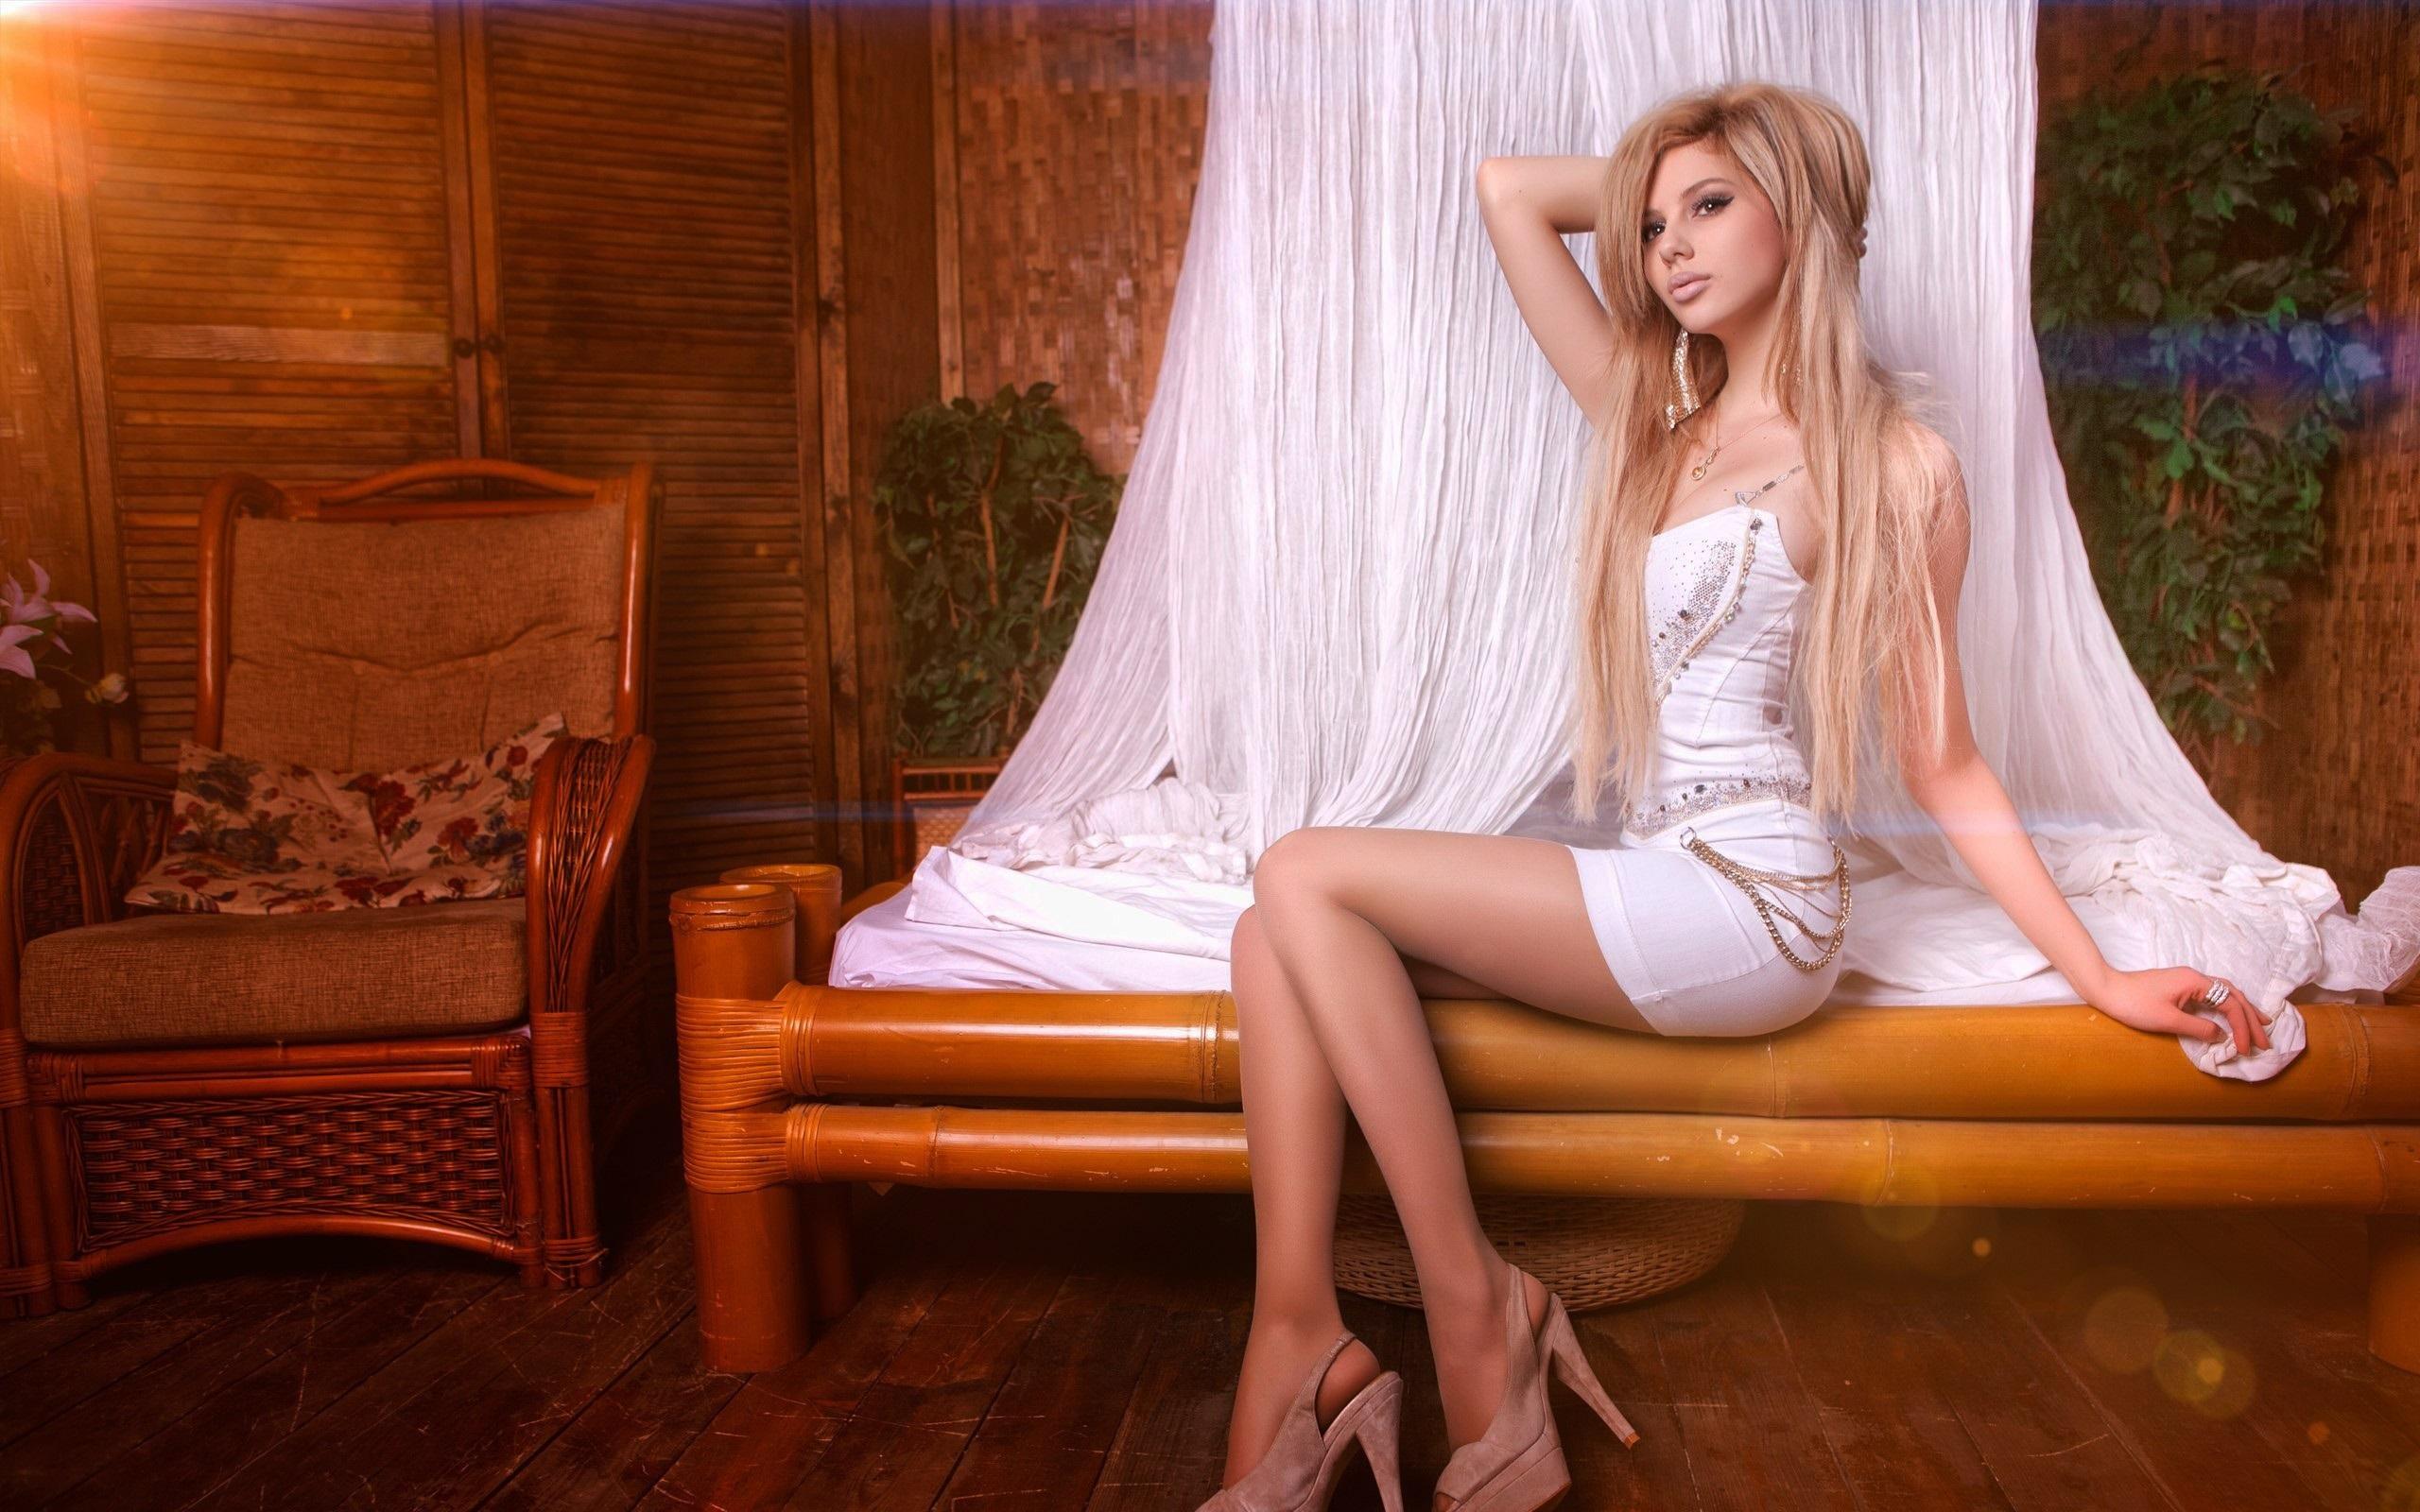 Винтаж блондинки в ночнушках с длинными ногами и волосами фото полная девушка лесби